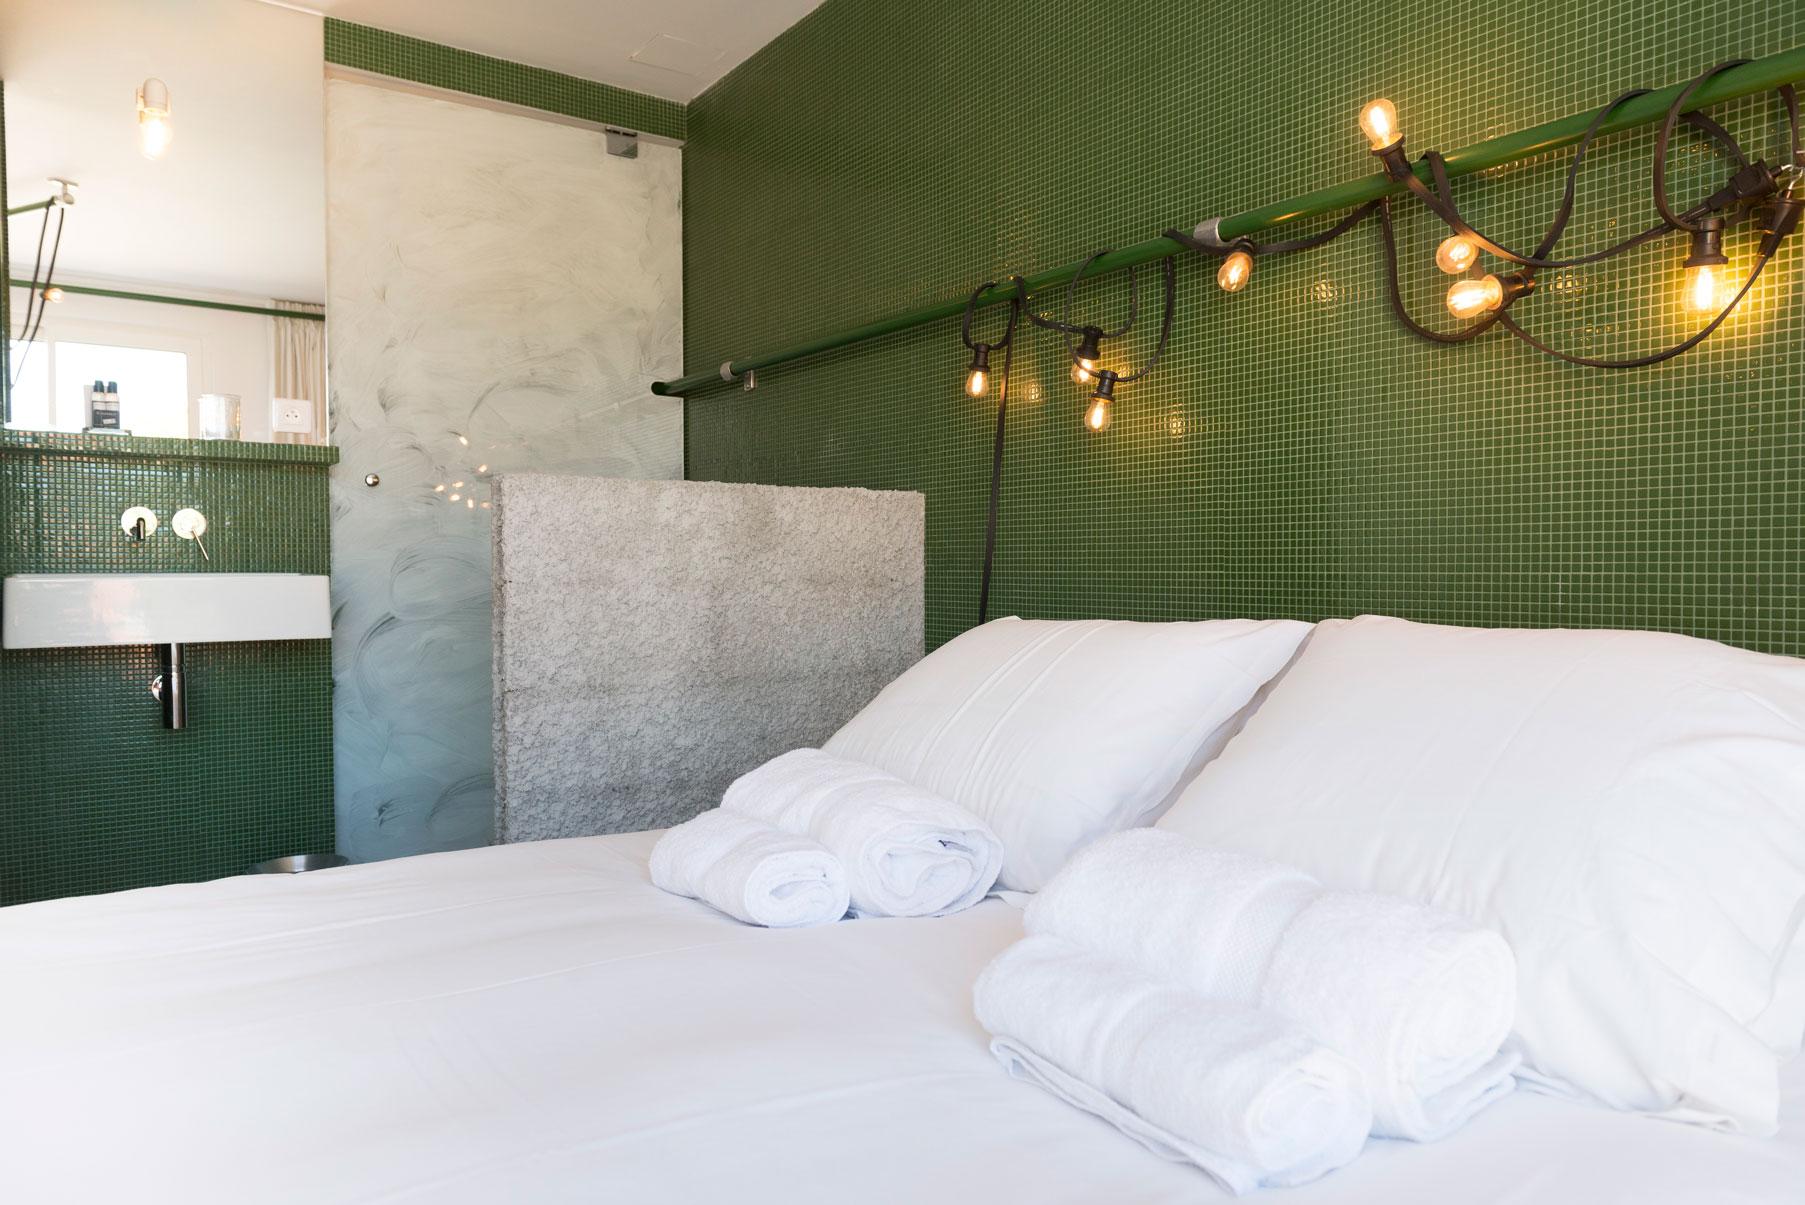 chambre5-Claire-Lavabre-3